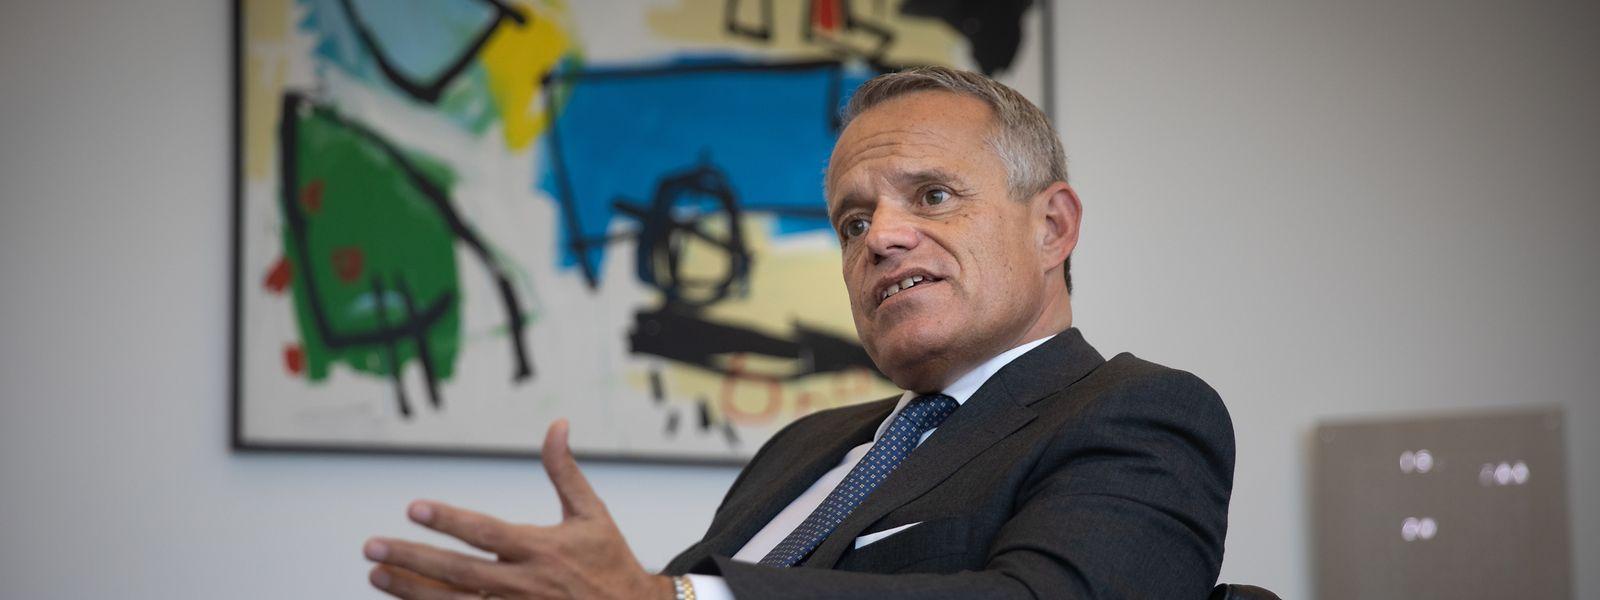 Guy Hoffmann, Präsident der ABBL sieht enorme Herausforderungen auf die Luxemburger Banken zukommen.